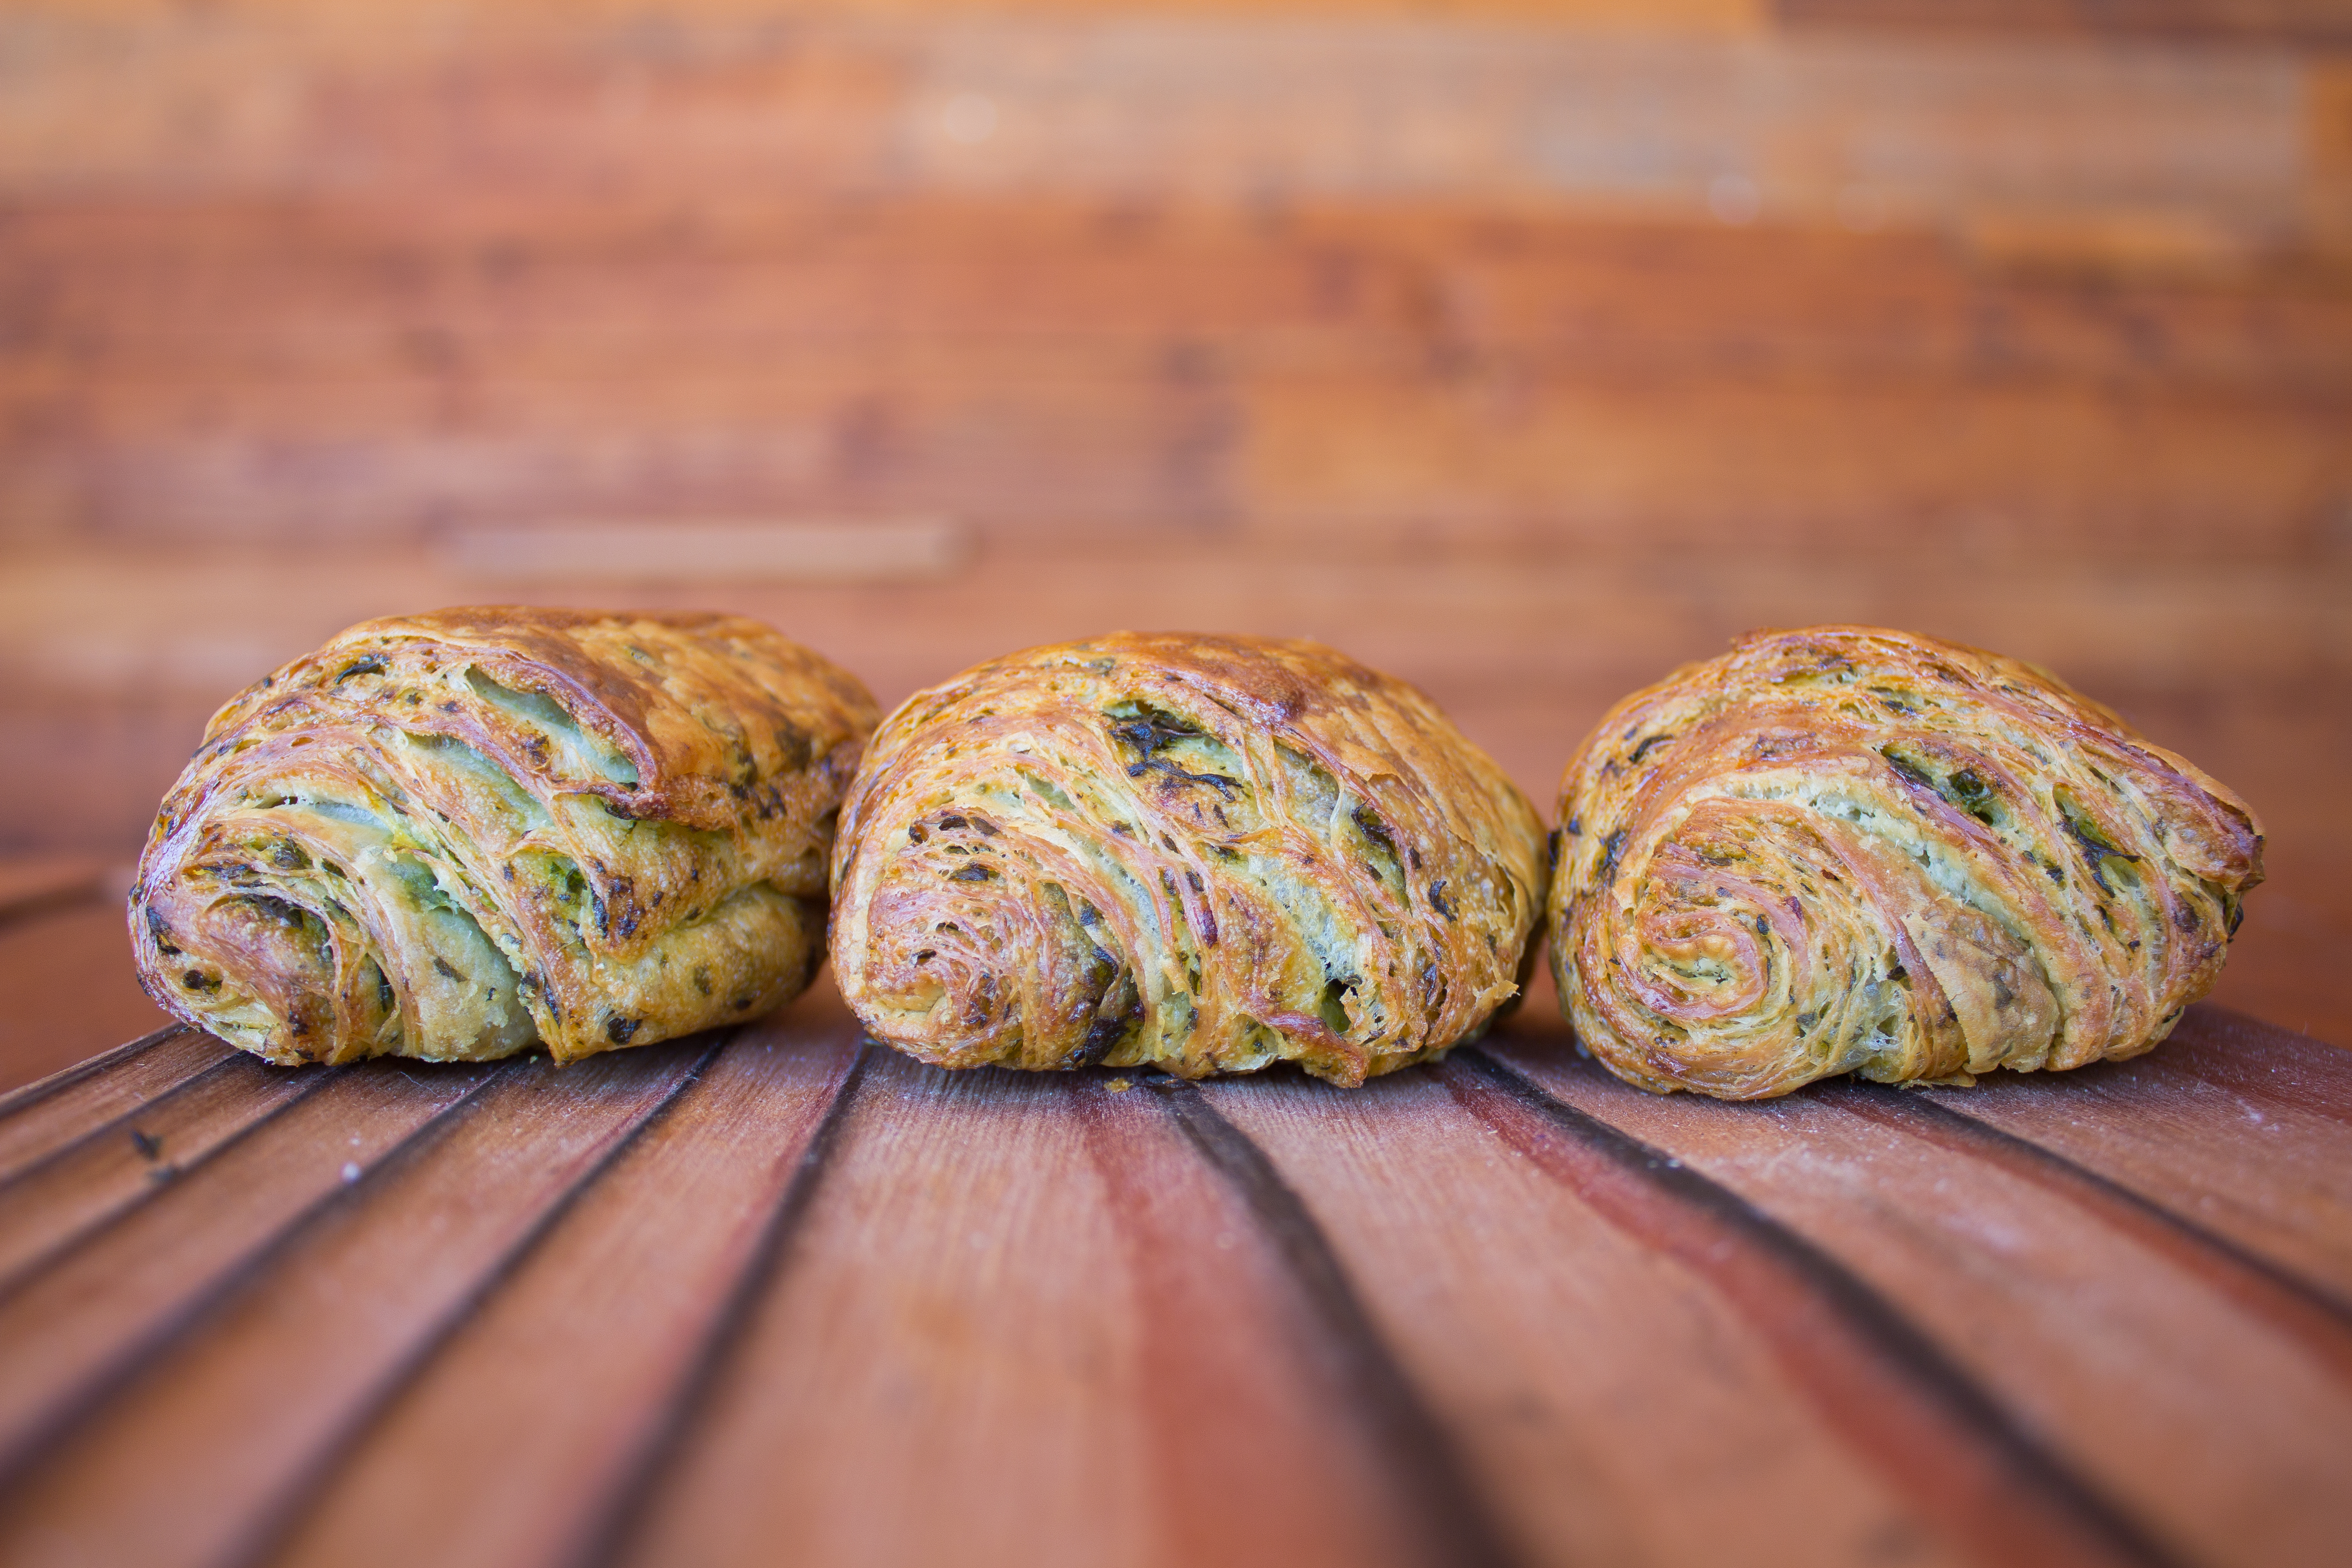 Barley Swine's new parsley crossiants